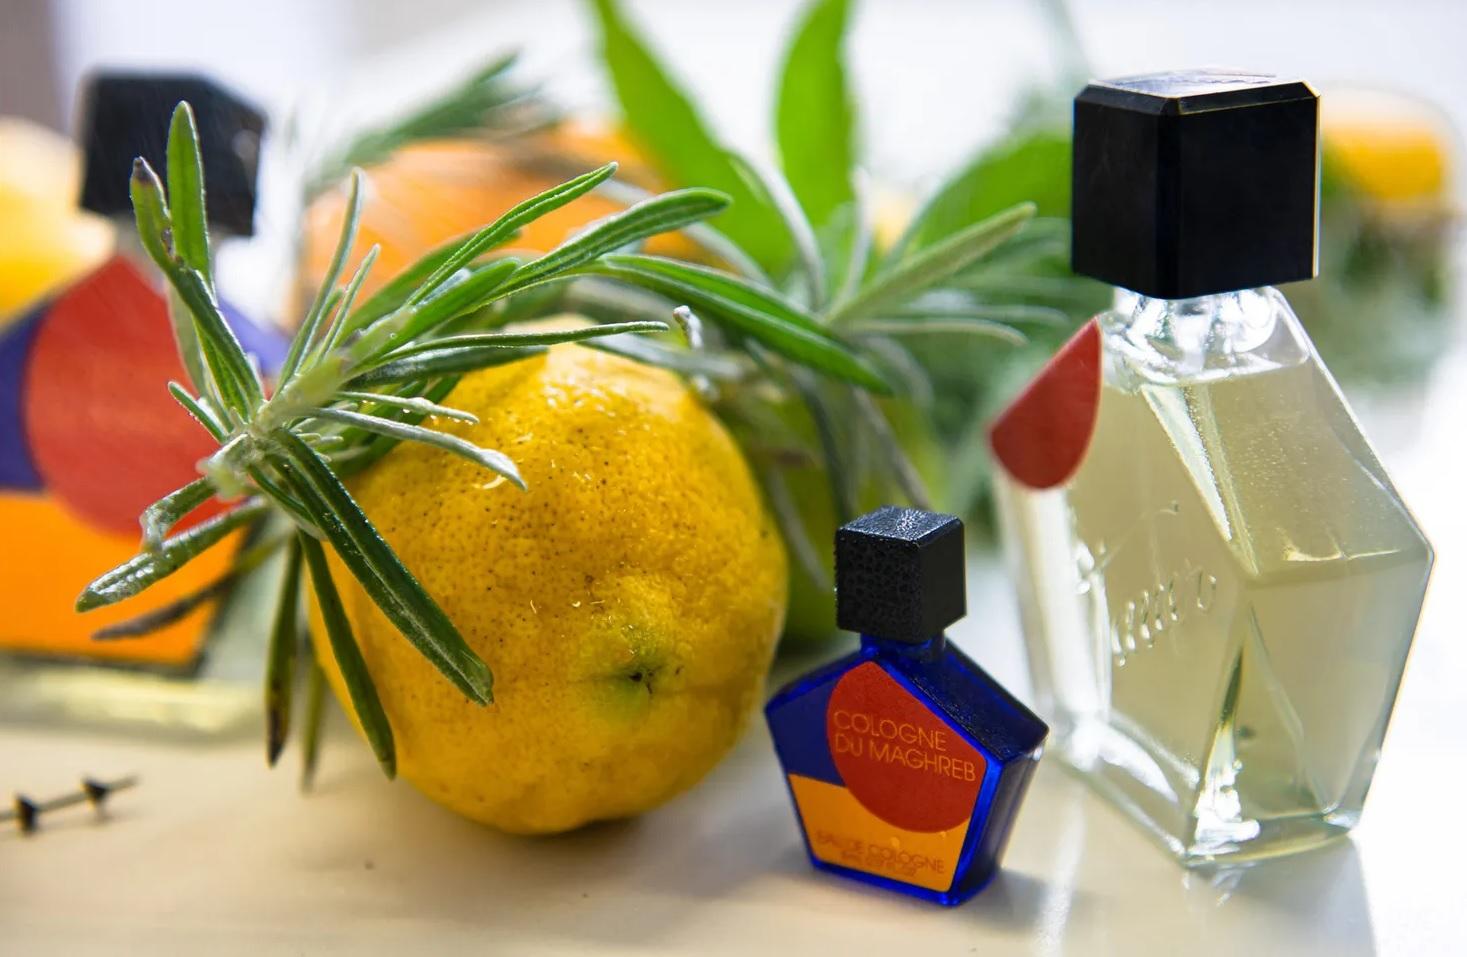 Tauer Perfumes Rilancia Cologne du Maghreb ~ Profumi di Nicchia